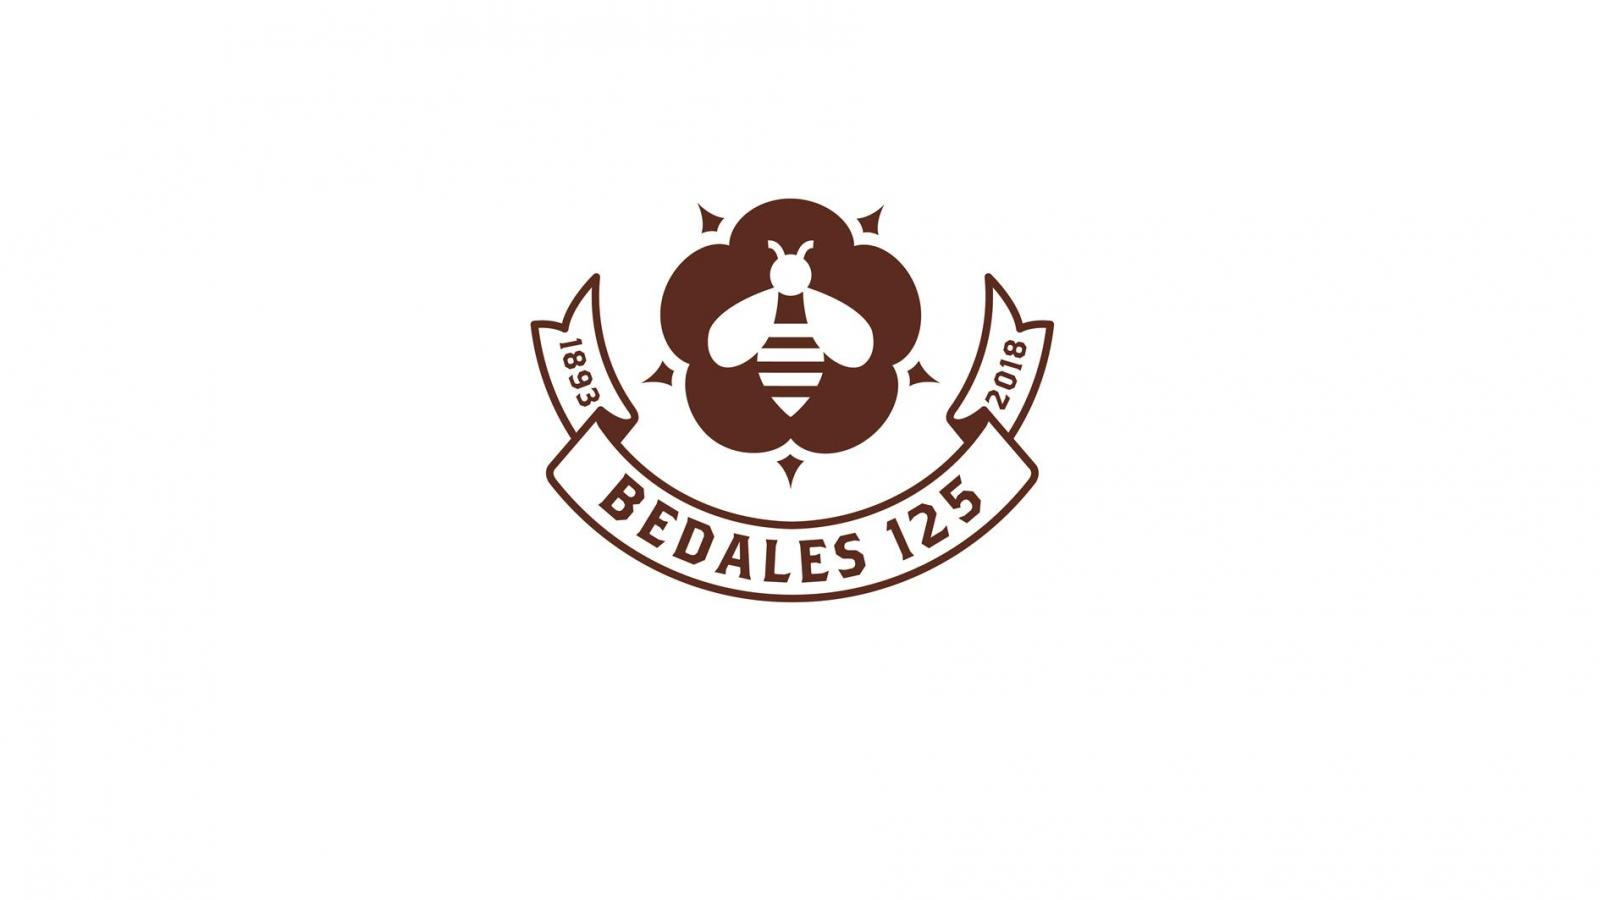 Bedales 125